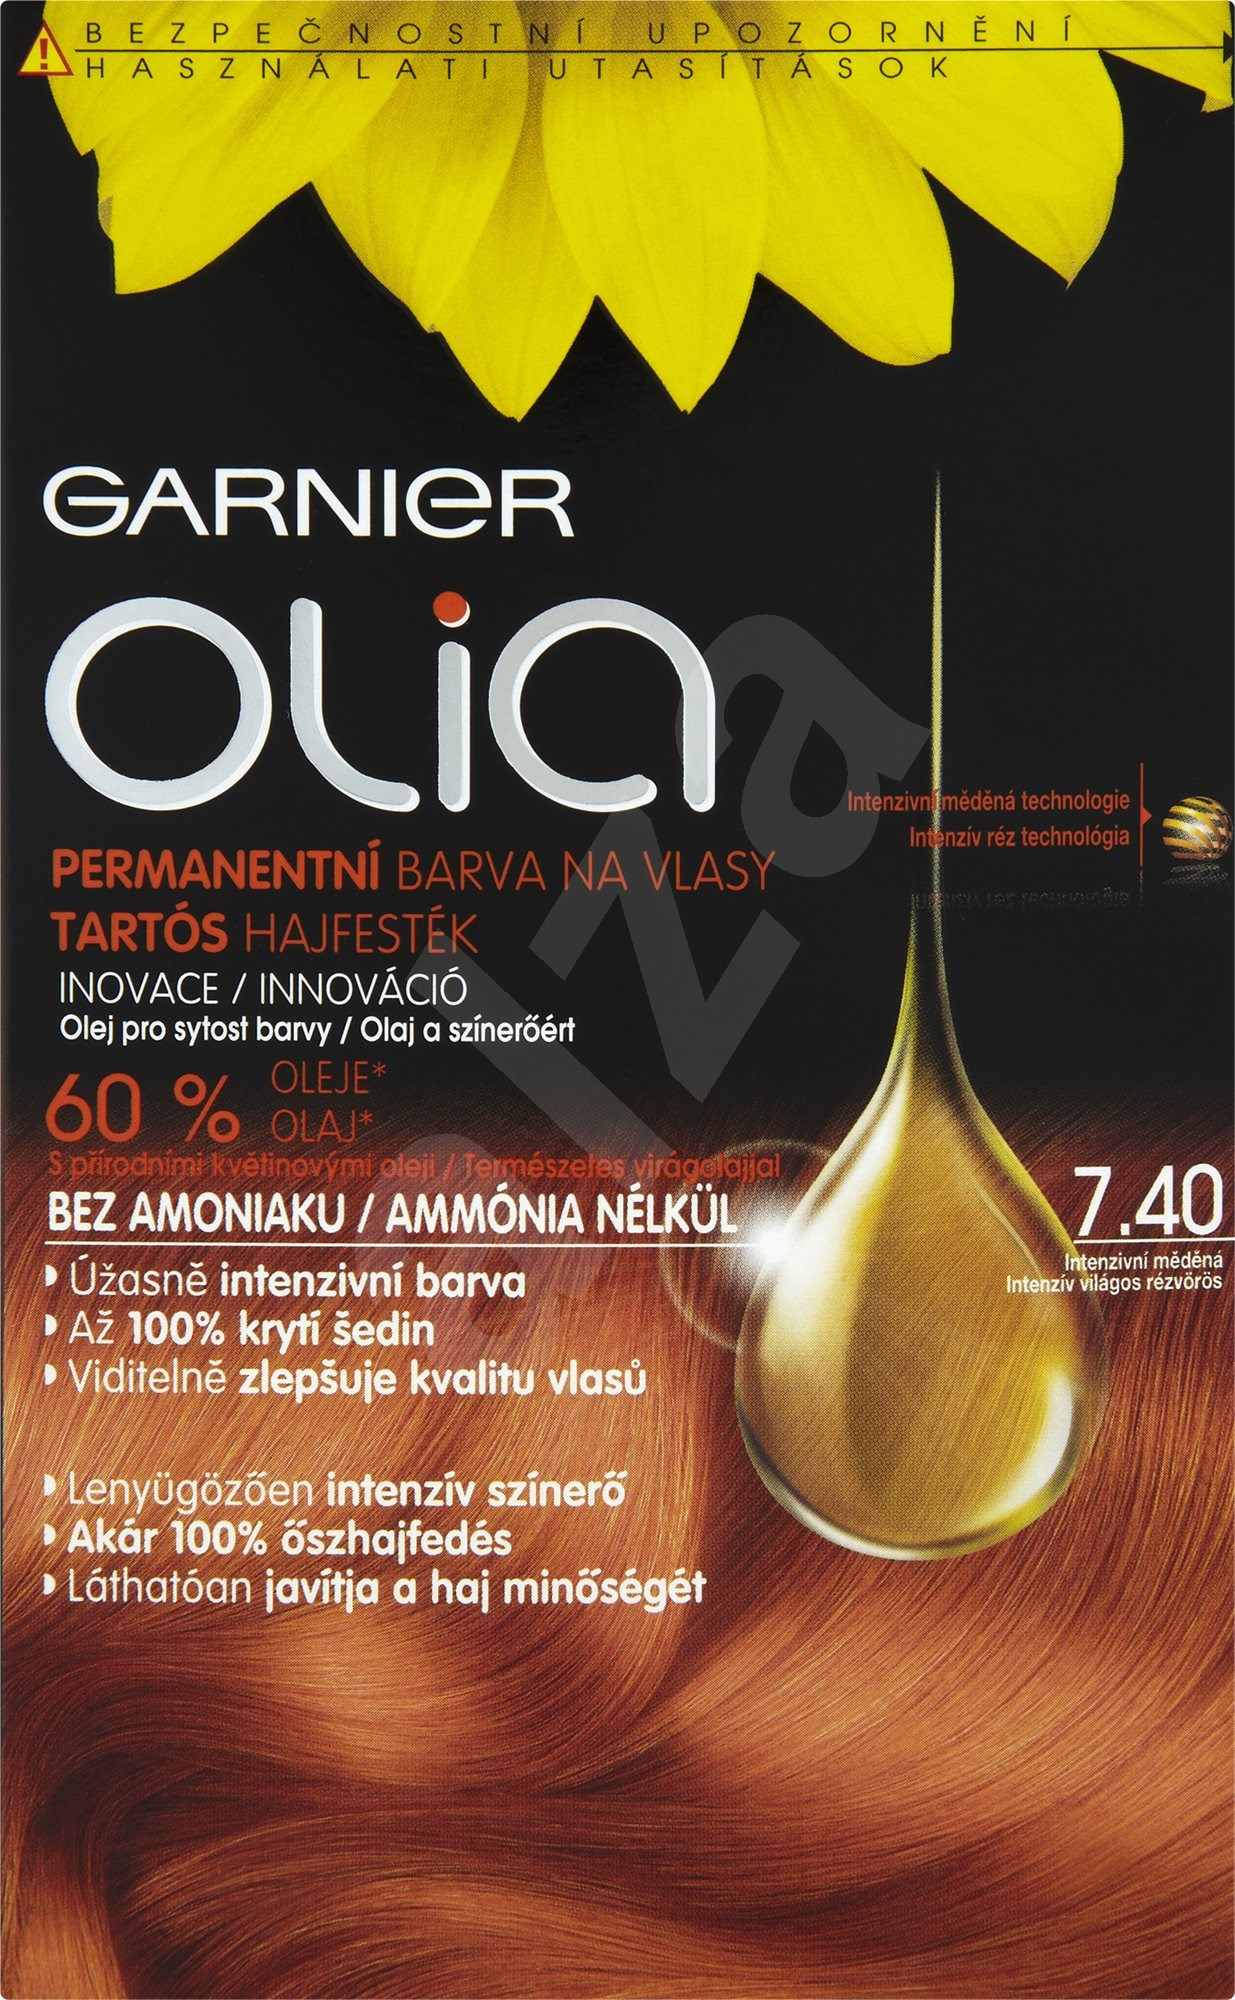 Garnier Olia 7 40 Intenz 237 Vne Meden 225 Farba Na Vlasy Alza